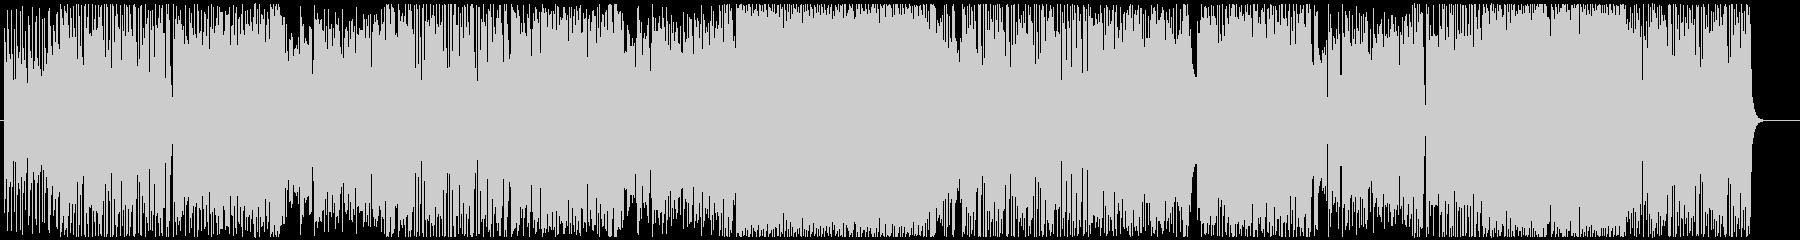 サーカスミラーの未再生の波形